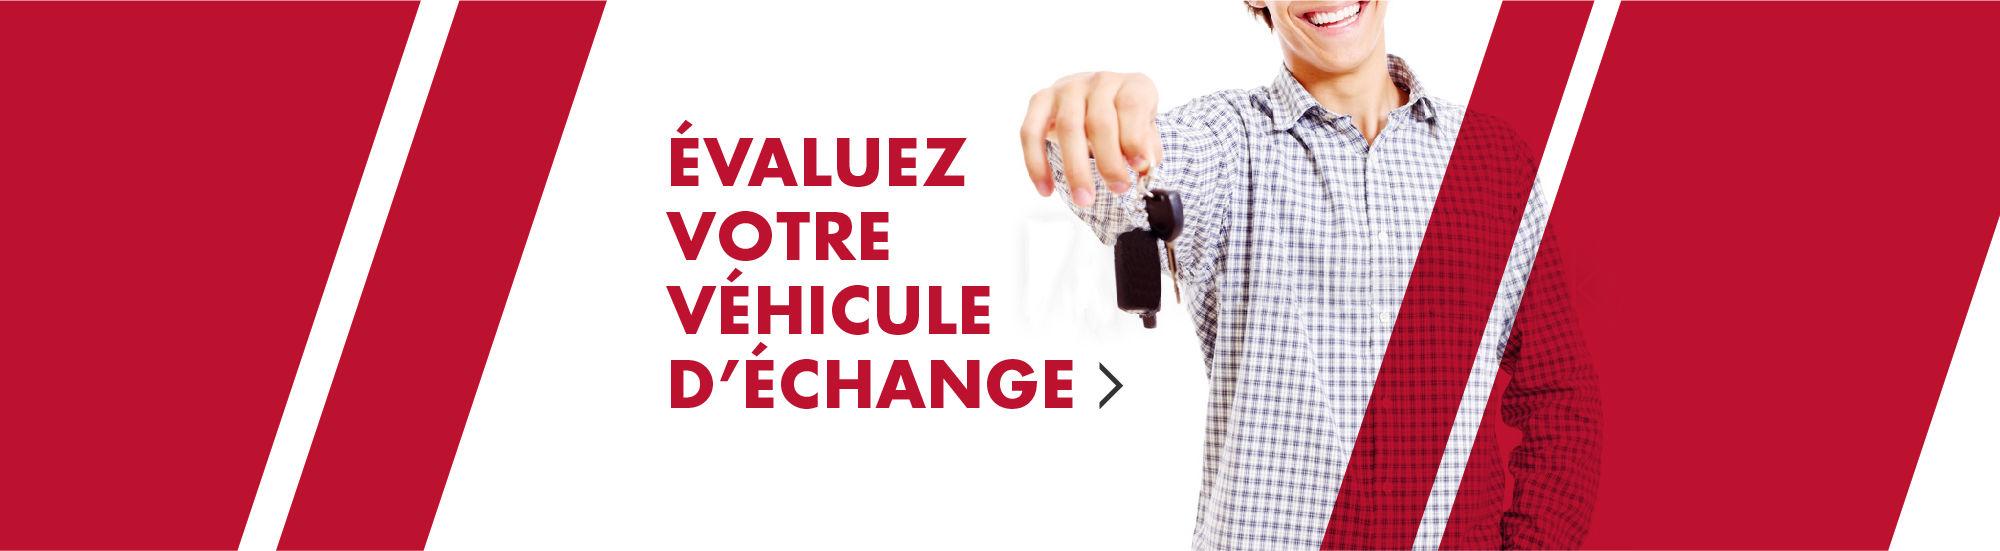 Évaluez votre véhicule d'échange - MH